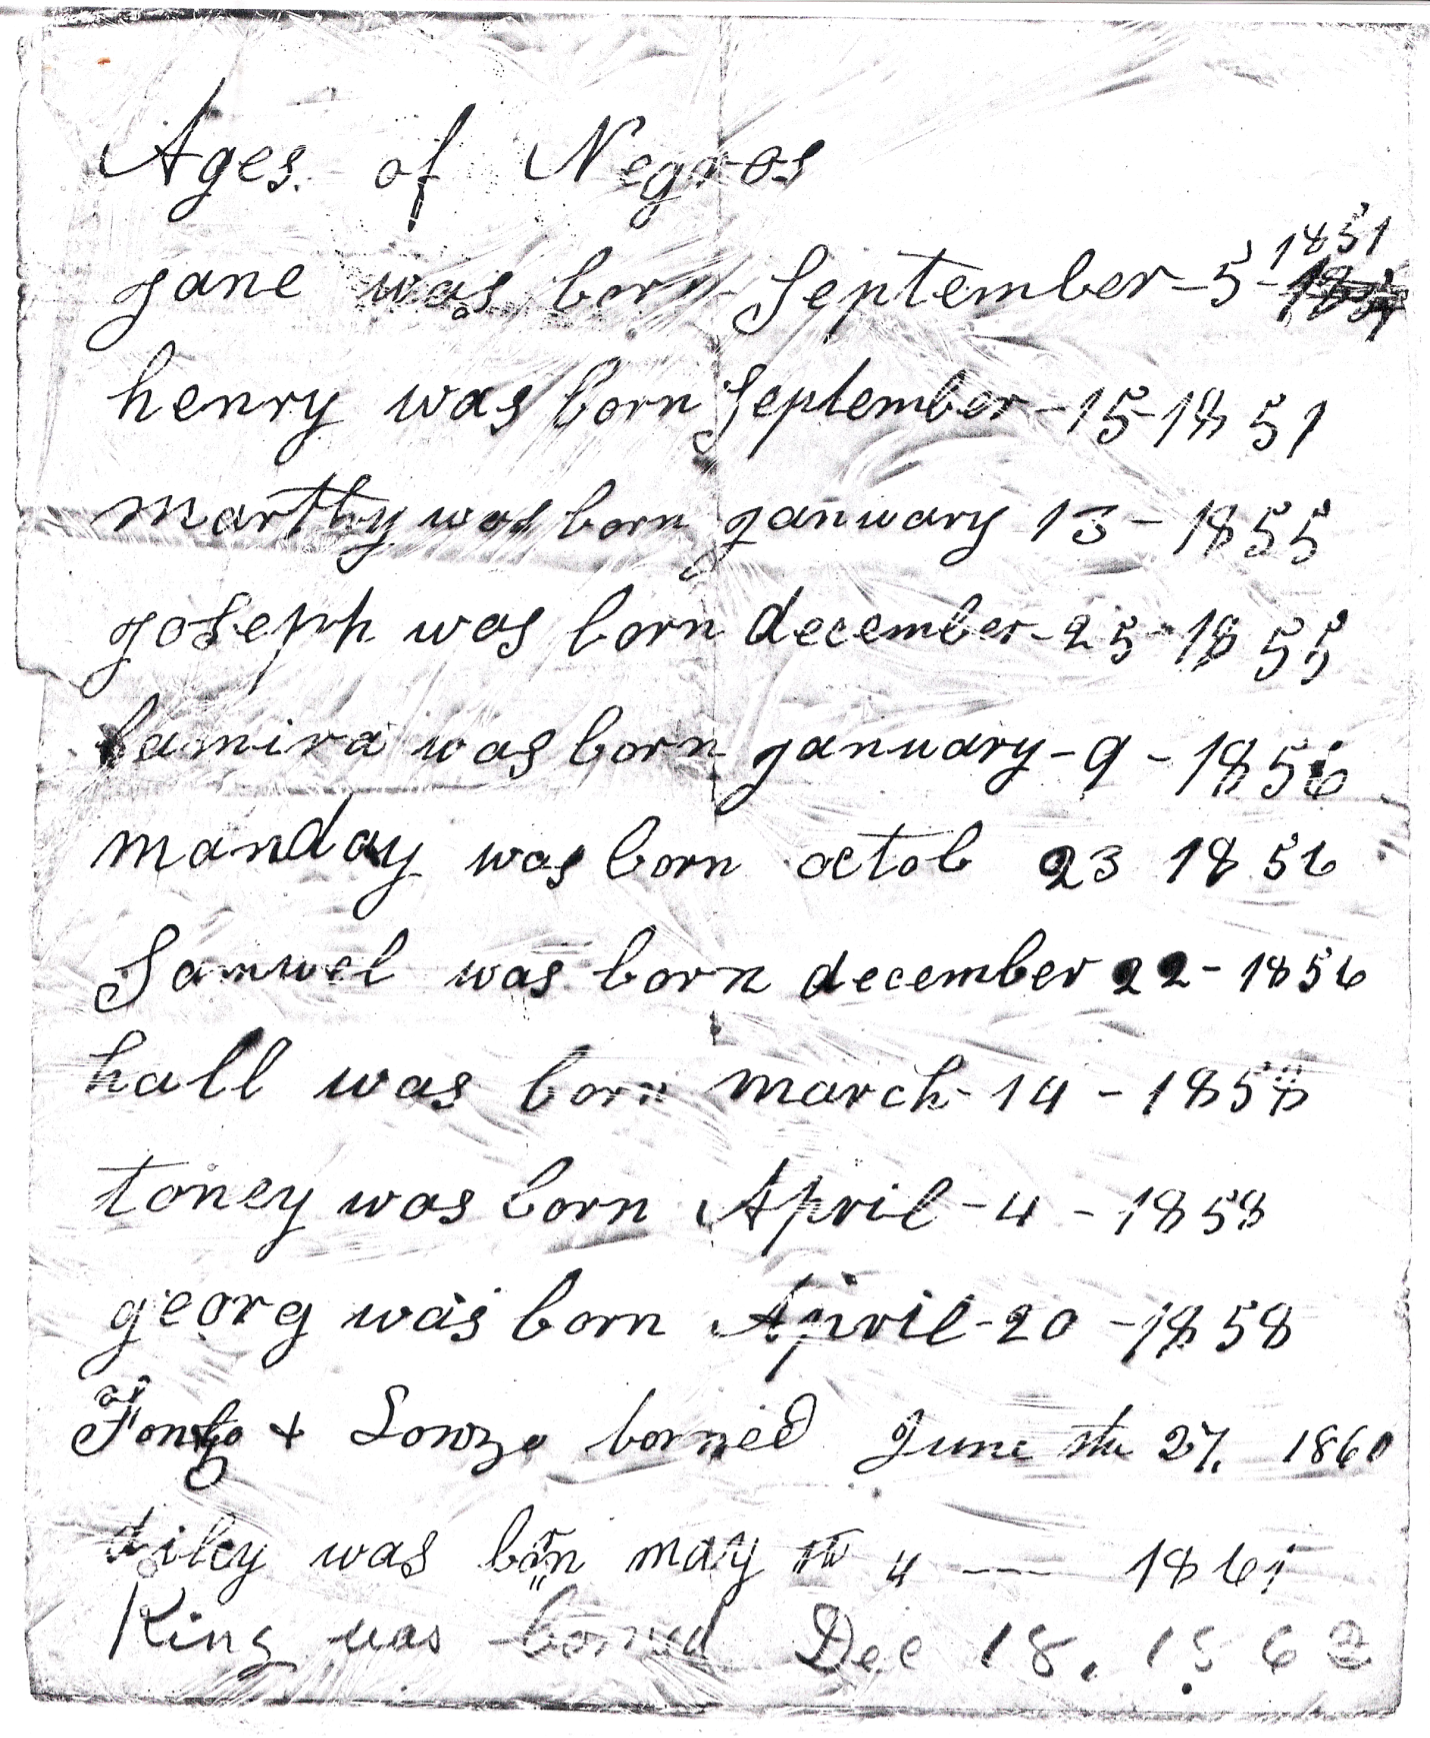 Palmer: Births of Enslaved People